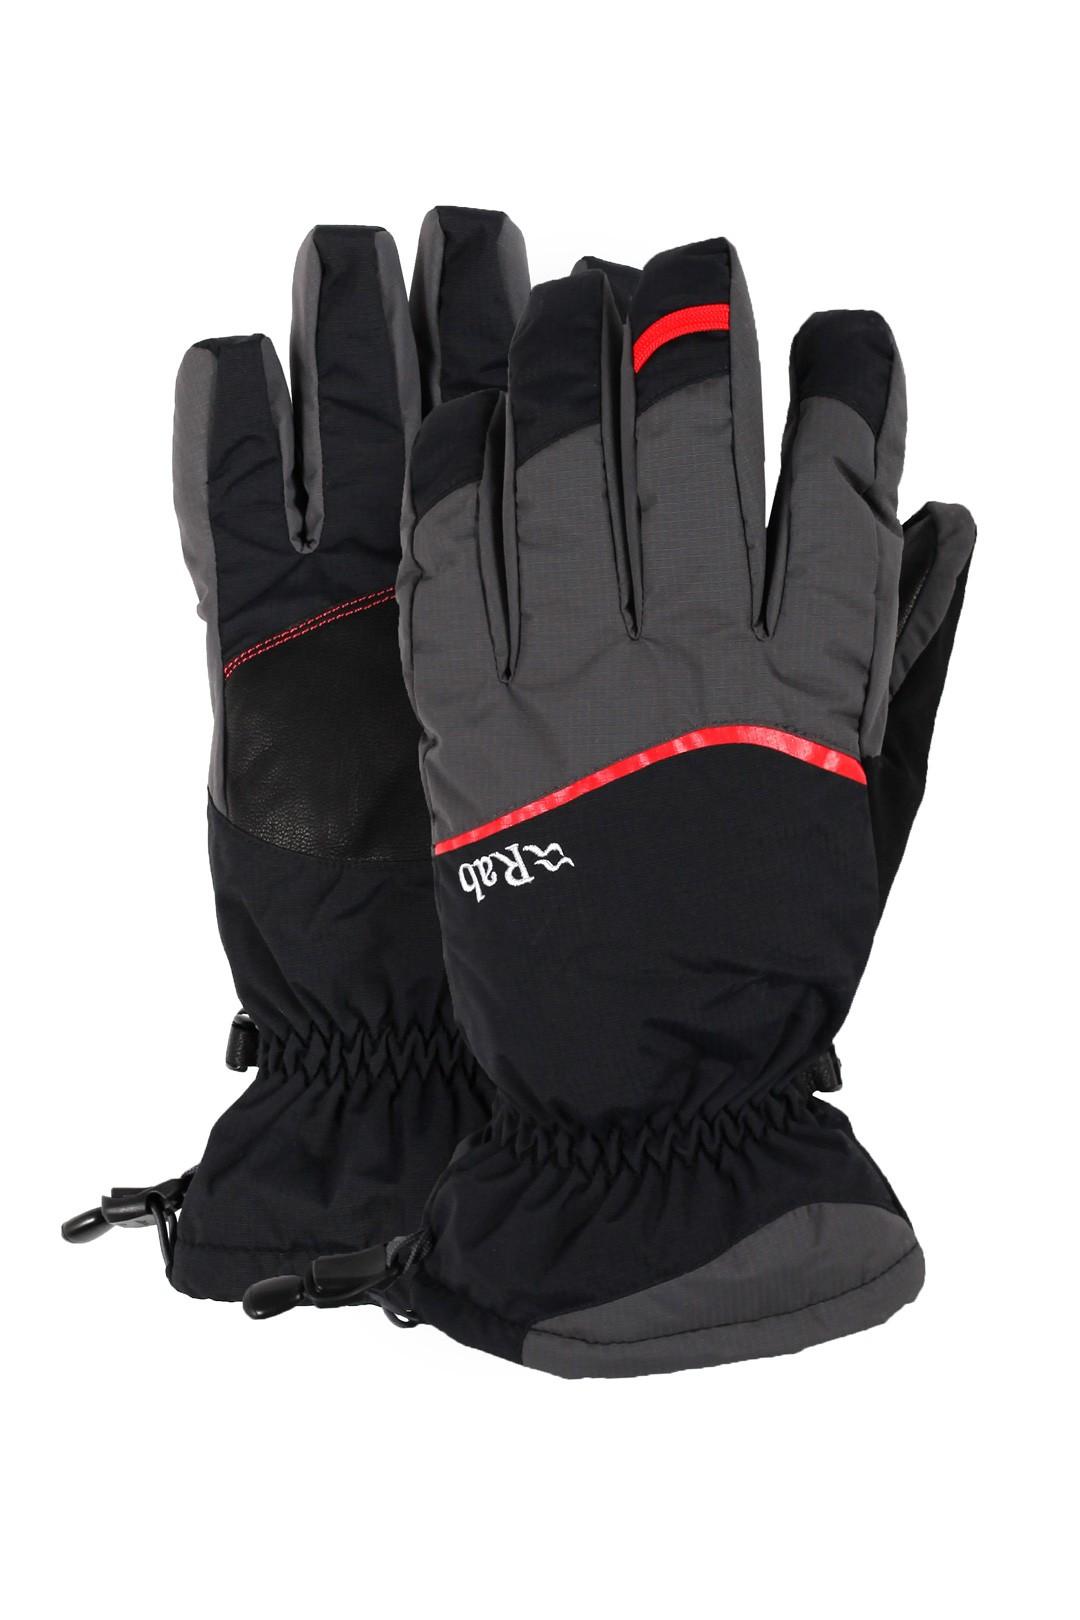 Rab Storm Glove Black pánské vodotěsné rukavice - PandaOutdoor.cz 763ed4f345